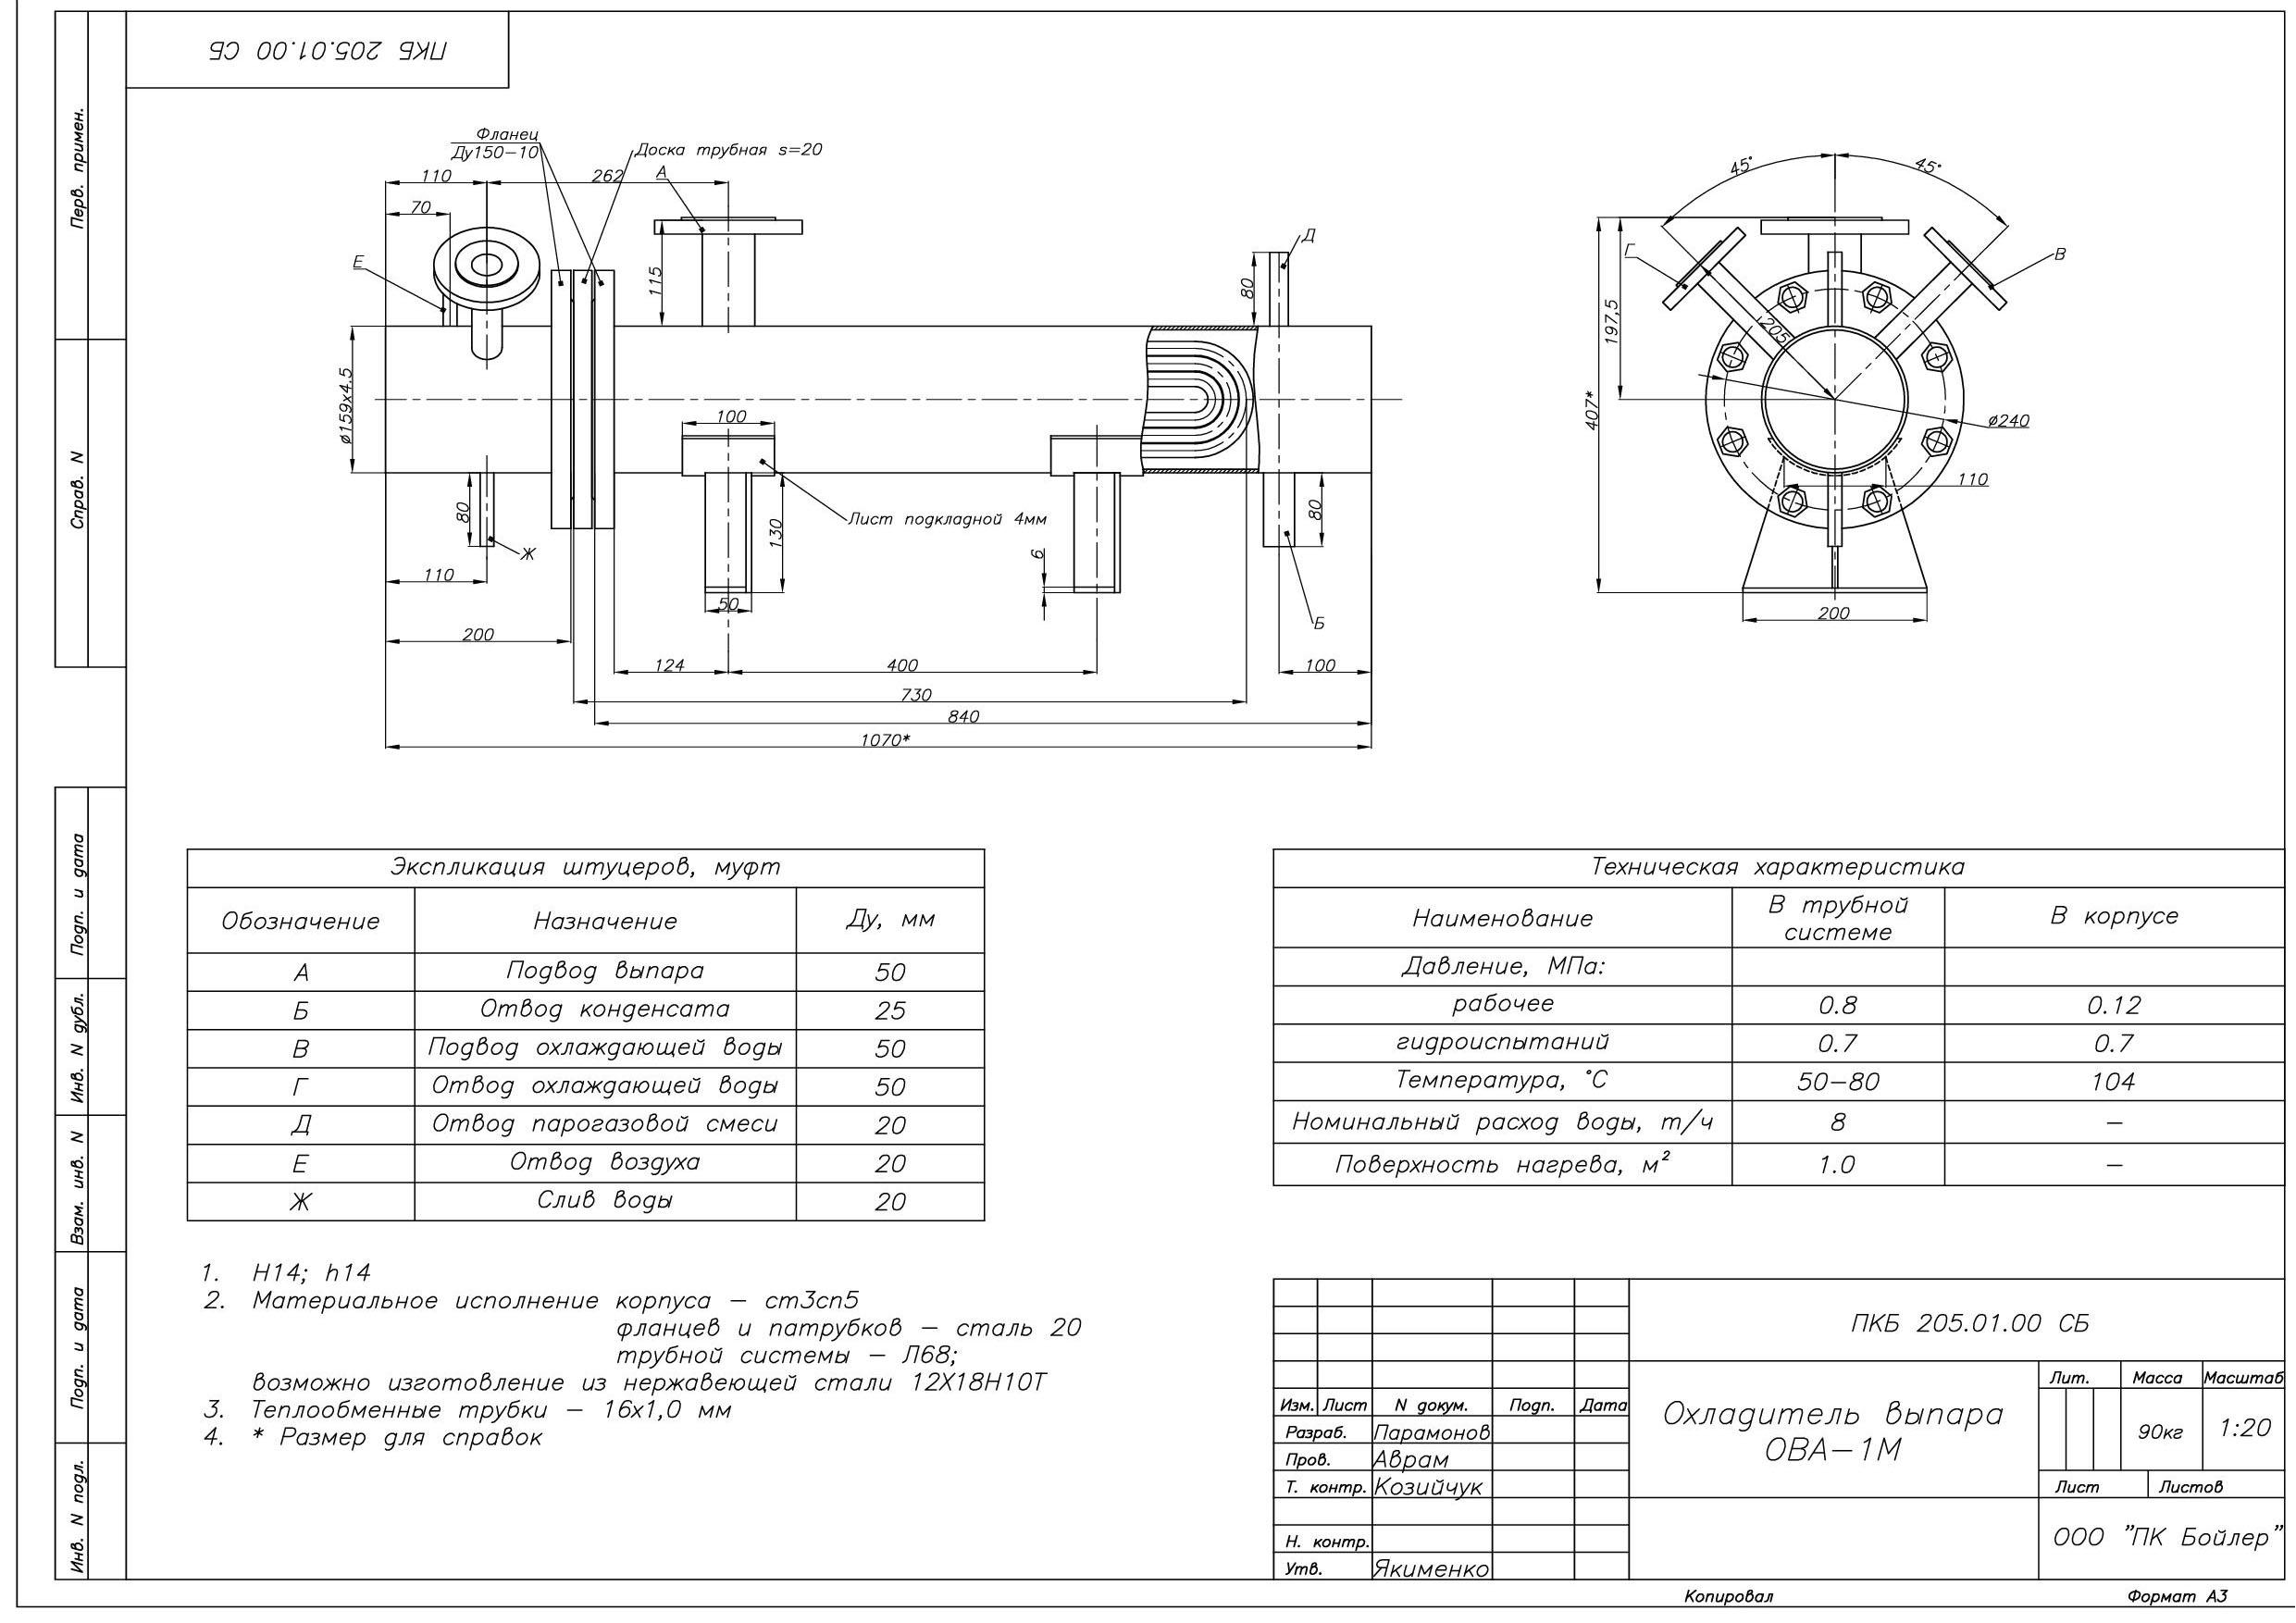 Кожухотрубчатые Охладители дренажа Электросталь Кожухотрубный испаритель ONDA LPE 205 Таганрог